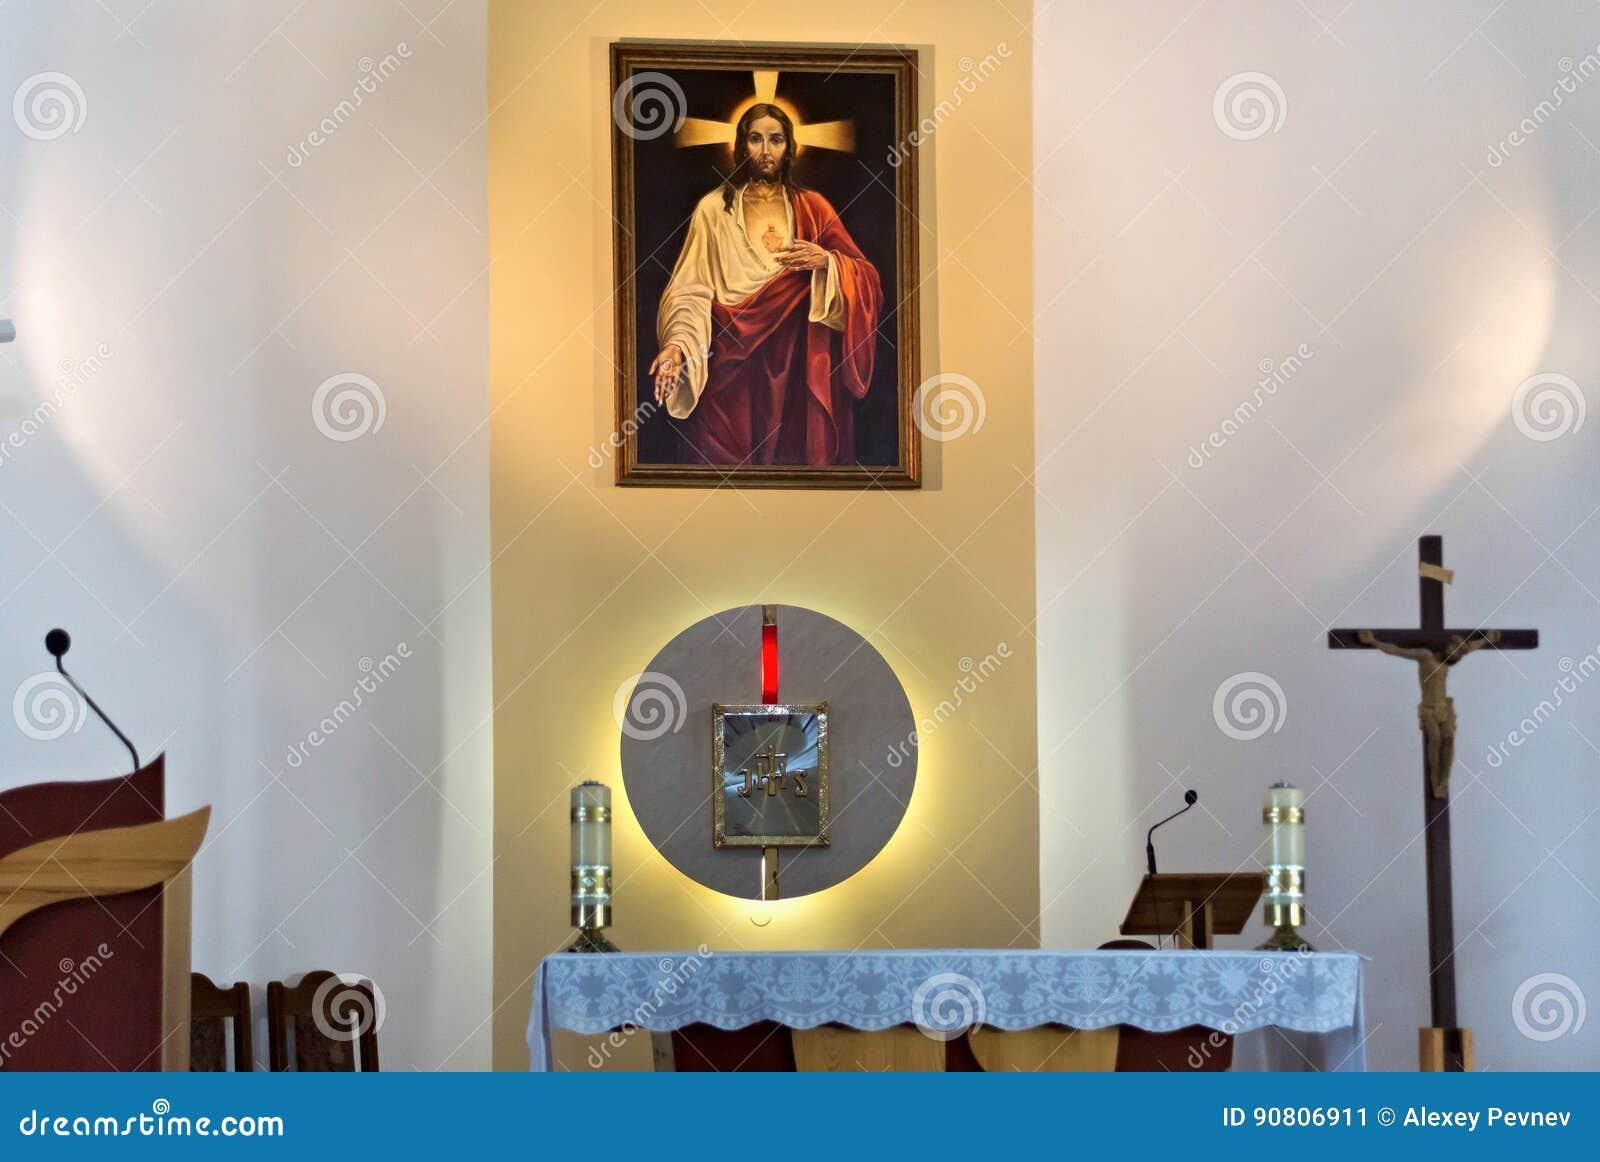 PETROPAVL, KASACHSTAN - 24. JULI 2015: Innenraum Roman Catholic Churchs des heiligsten Herzens von Jesus in Petropavl